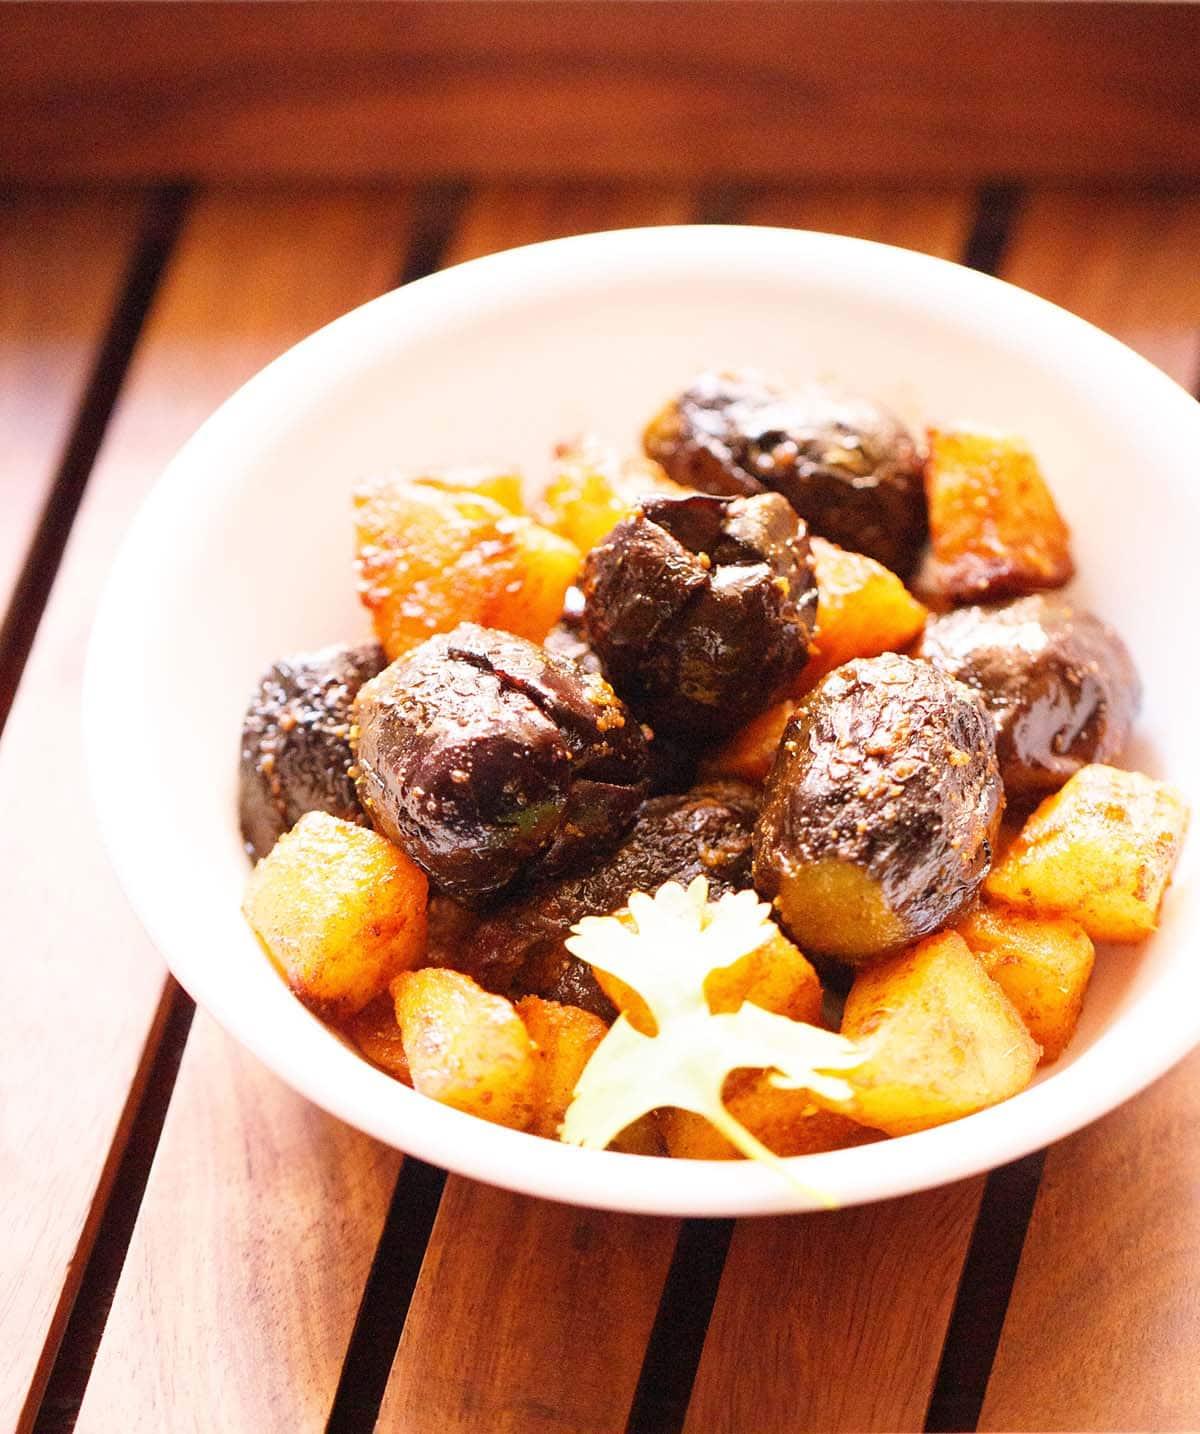 bharwa baingan avec pommes de terre dans un bol blanc avec un brin de coriandre sur un plateau en bois